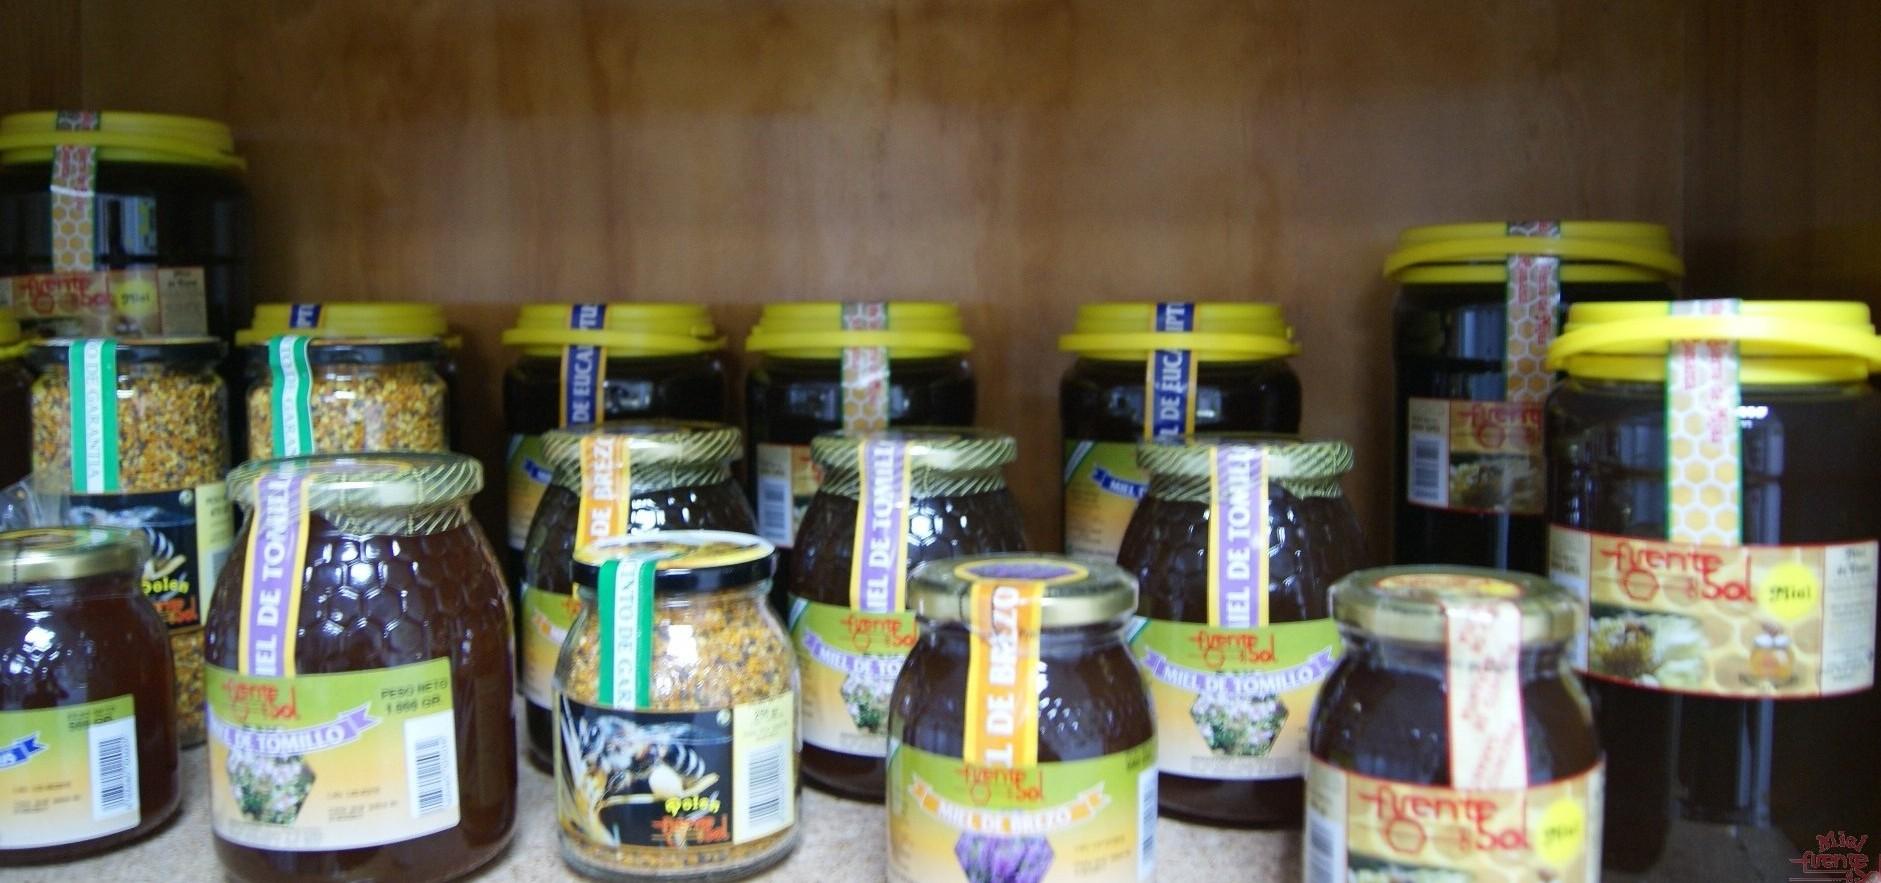 Miel de Málaga, Miel de abeja, miel natural. Polen de Málag, fuente de salud. Polen , cera de abejas, colmenas en Málaga, Paneles de cera Málaga, Jalea real Málaga, Apícola Fuente del Sol de Alhaurín el Grande, Málaga